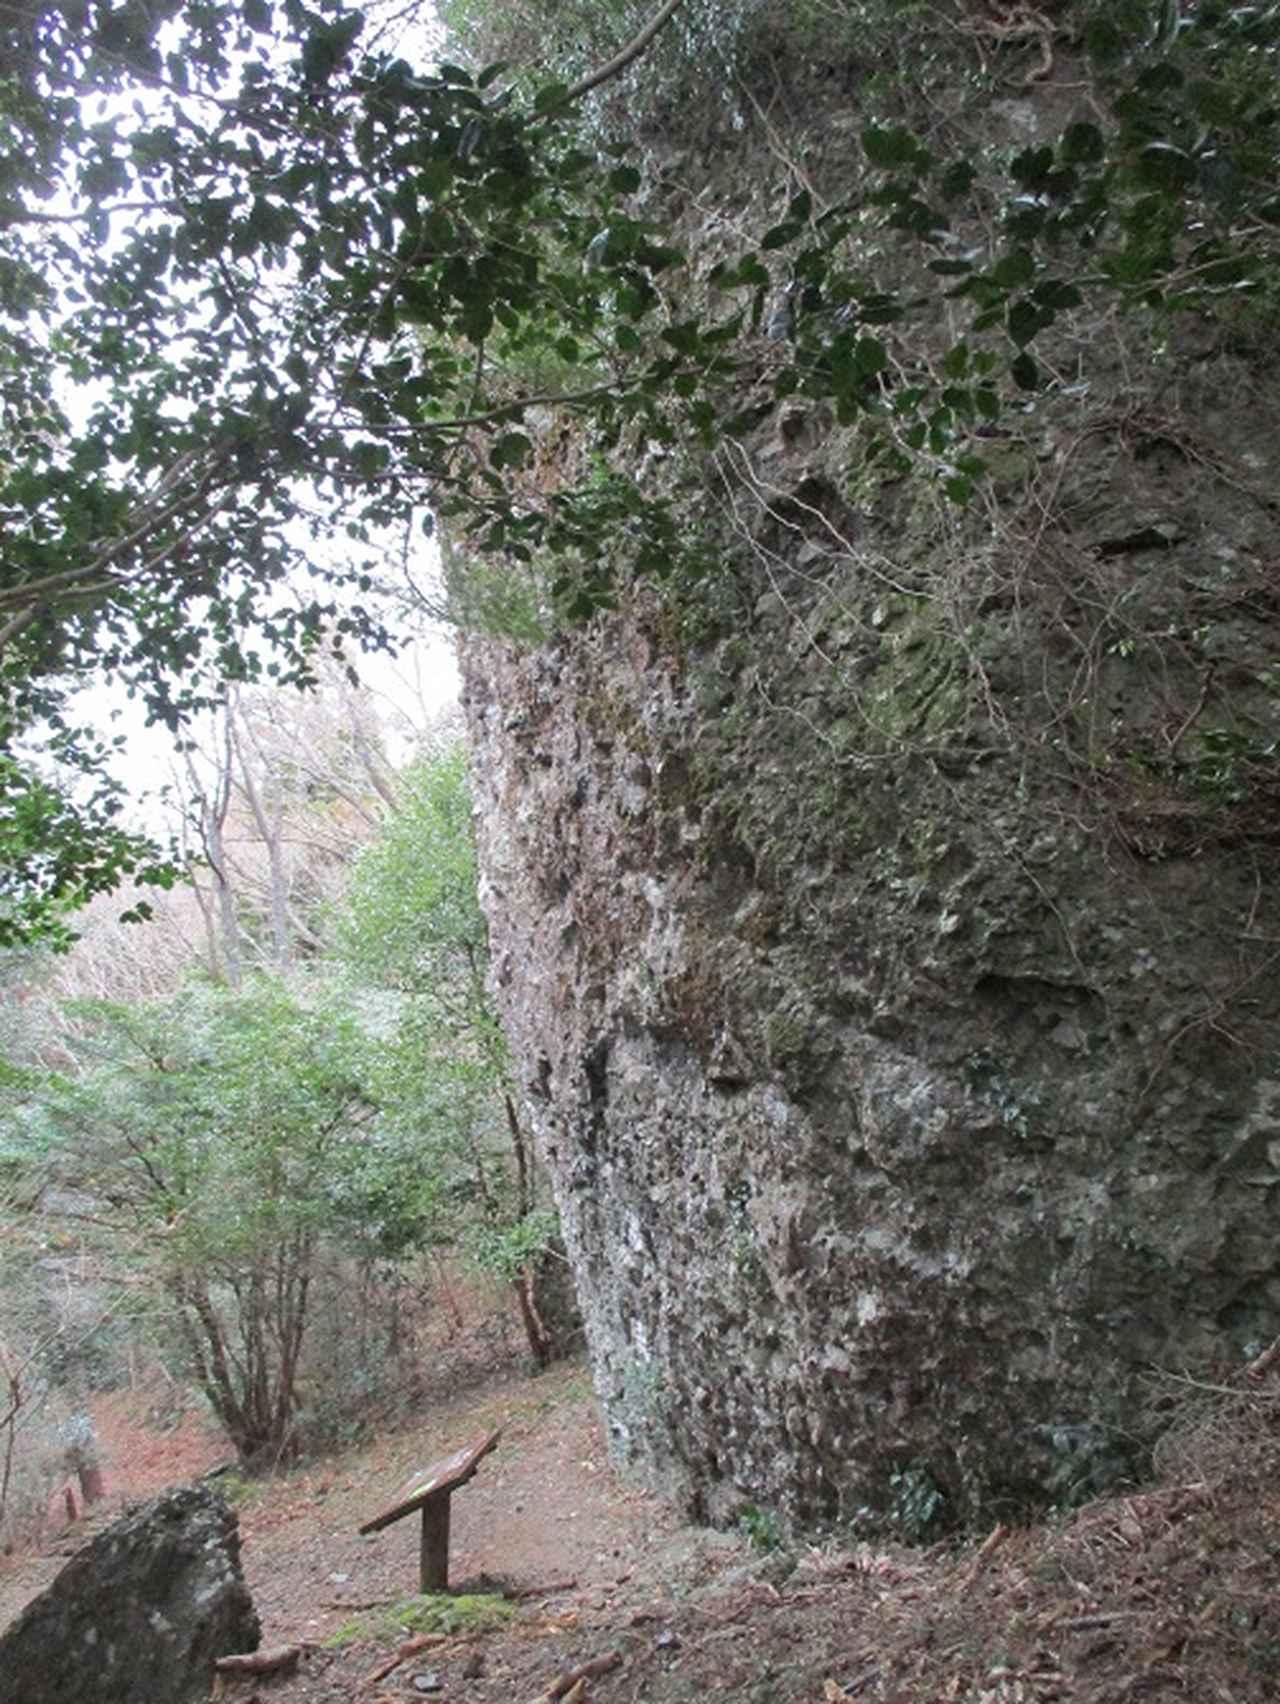 画像5: 【山旅会・登山ガイドこだわりツアー】岡田ガイドからの便り・石谷山(びく石)ツアーの下見にいってまいりました